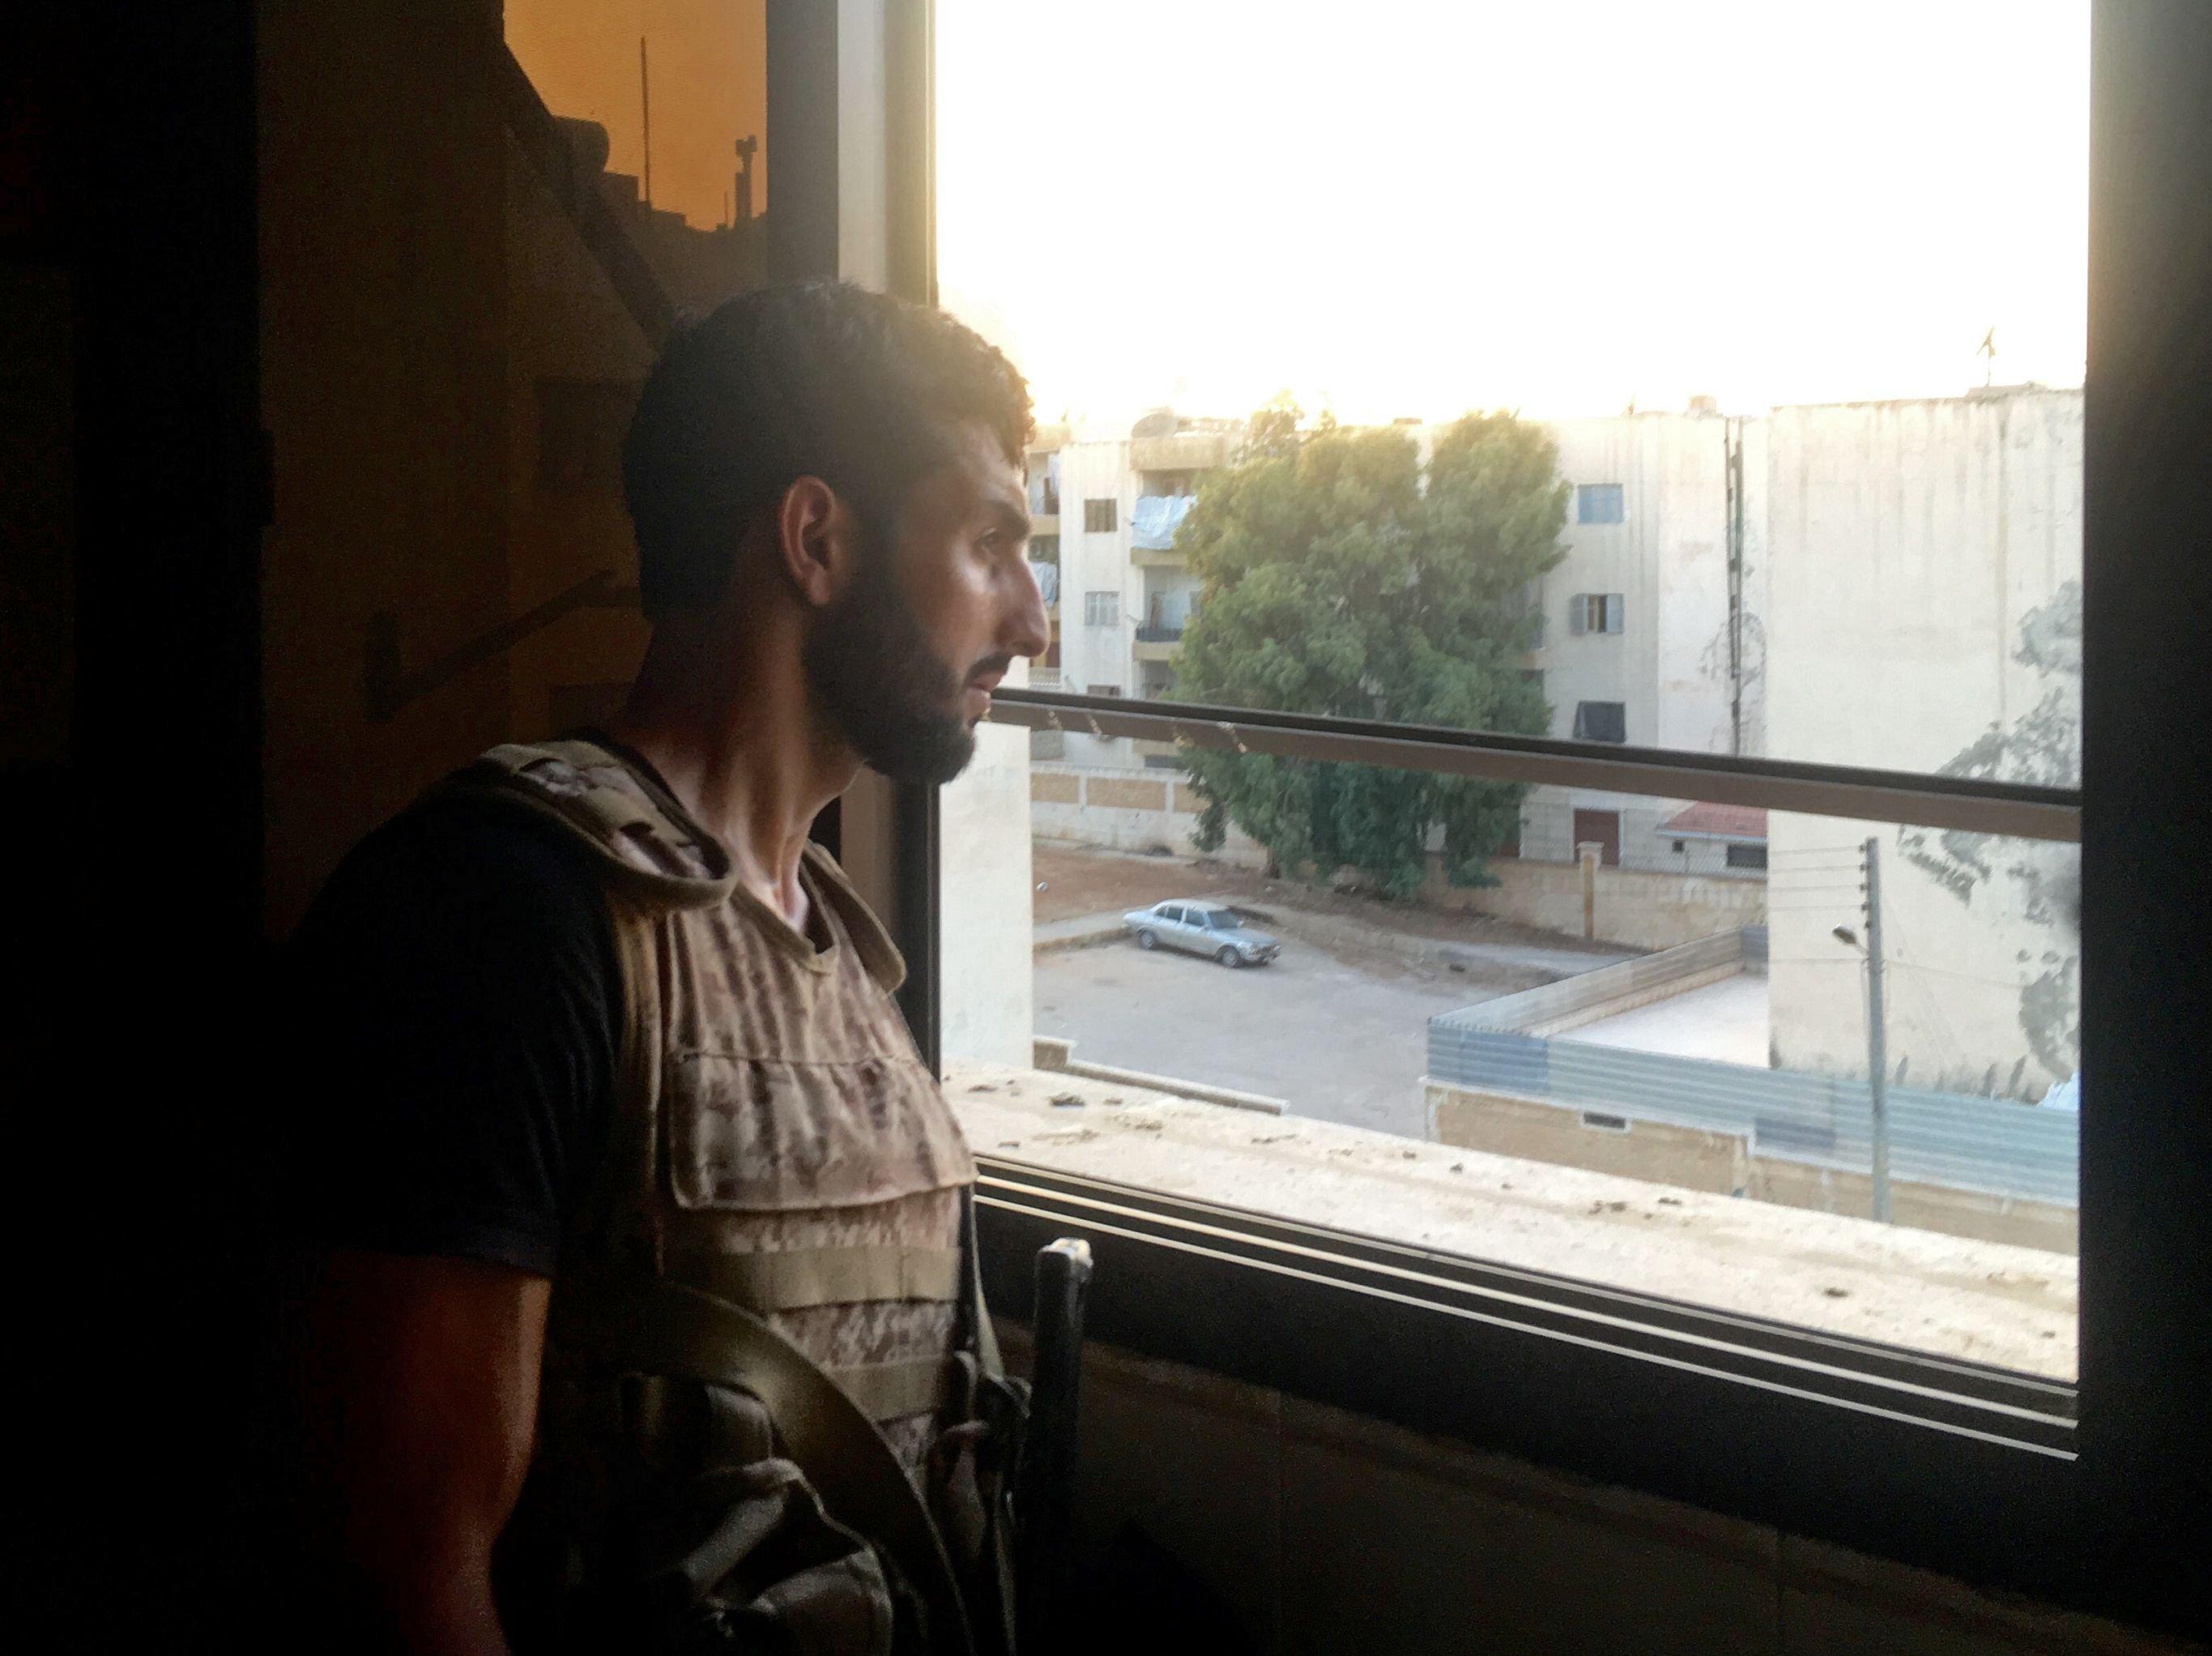 Le militaire de l'armée syrienne pilonne les combattants qui tentent de quitter les bâtiments occupés par les terroristes